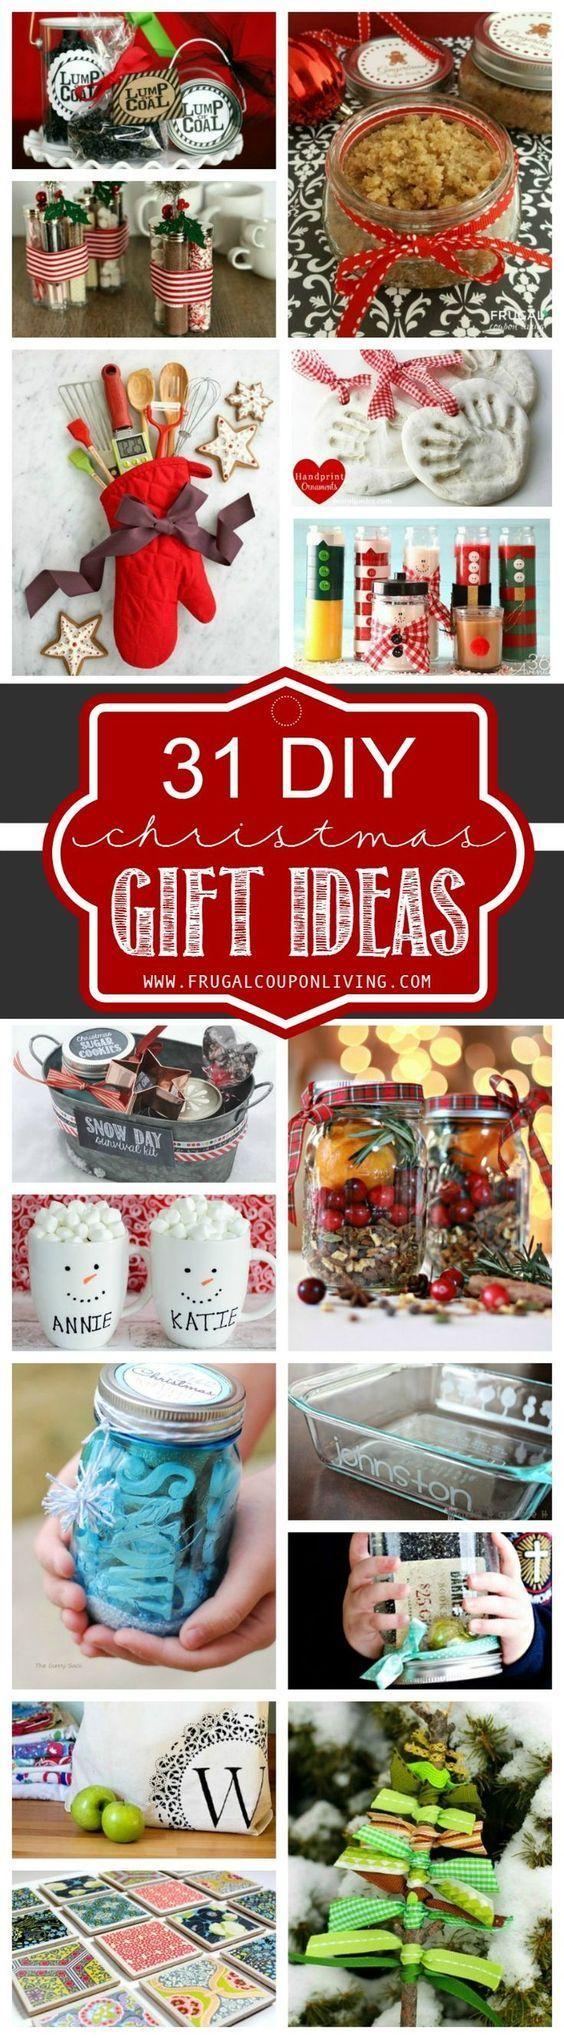 31 diy christmas gift ideas homemade christmas gifts diy 31 diy christmas gift ideas solutioingenieria Images